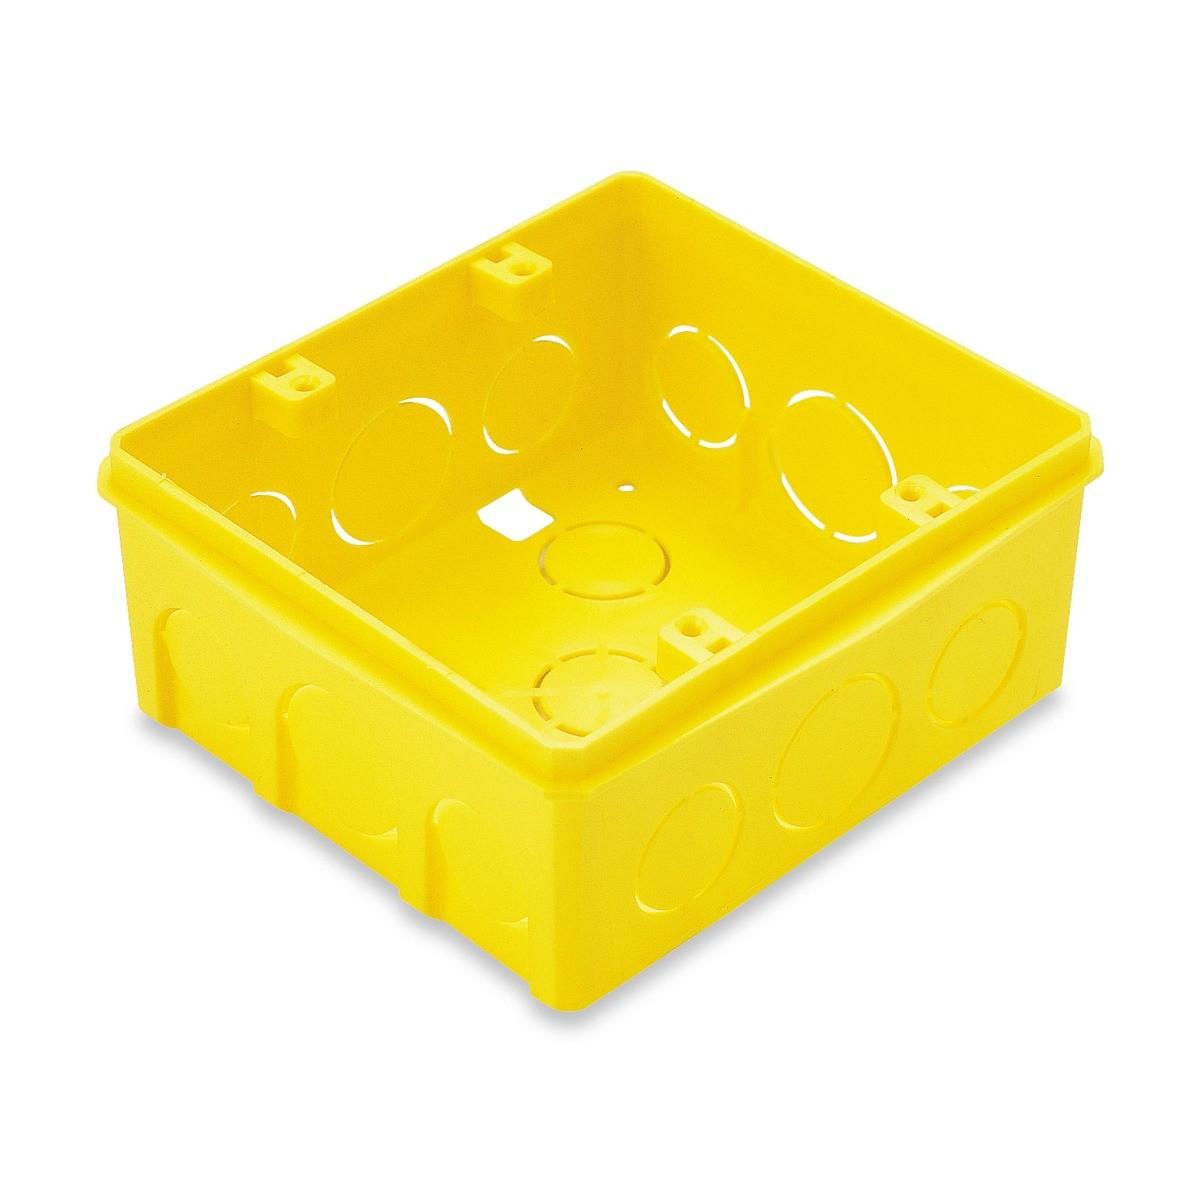 Ilum Caixa Embutir 4x4 Quadrada Tramontina